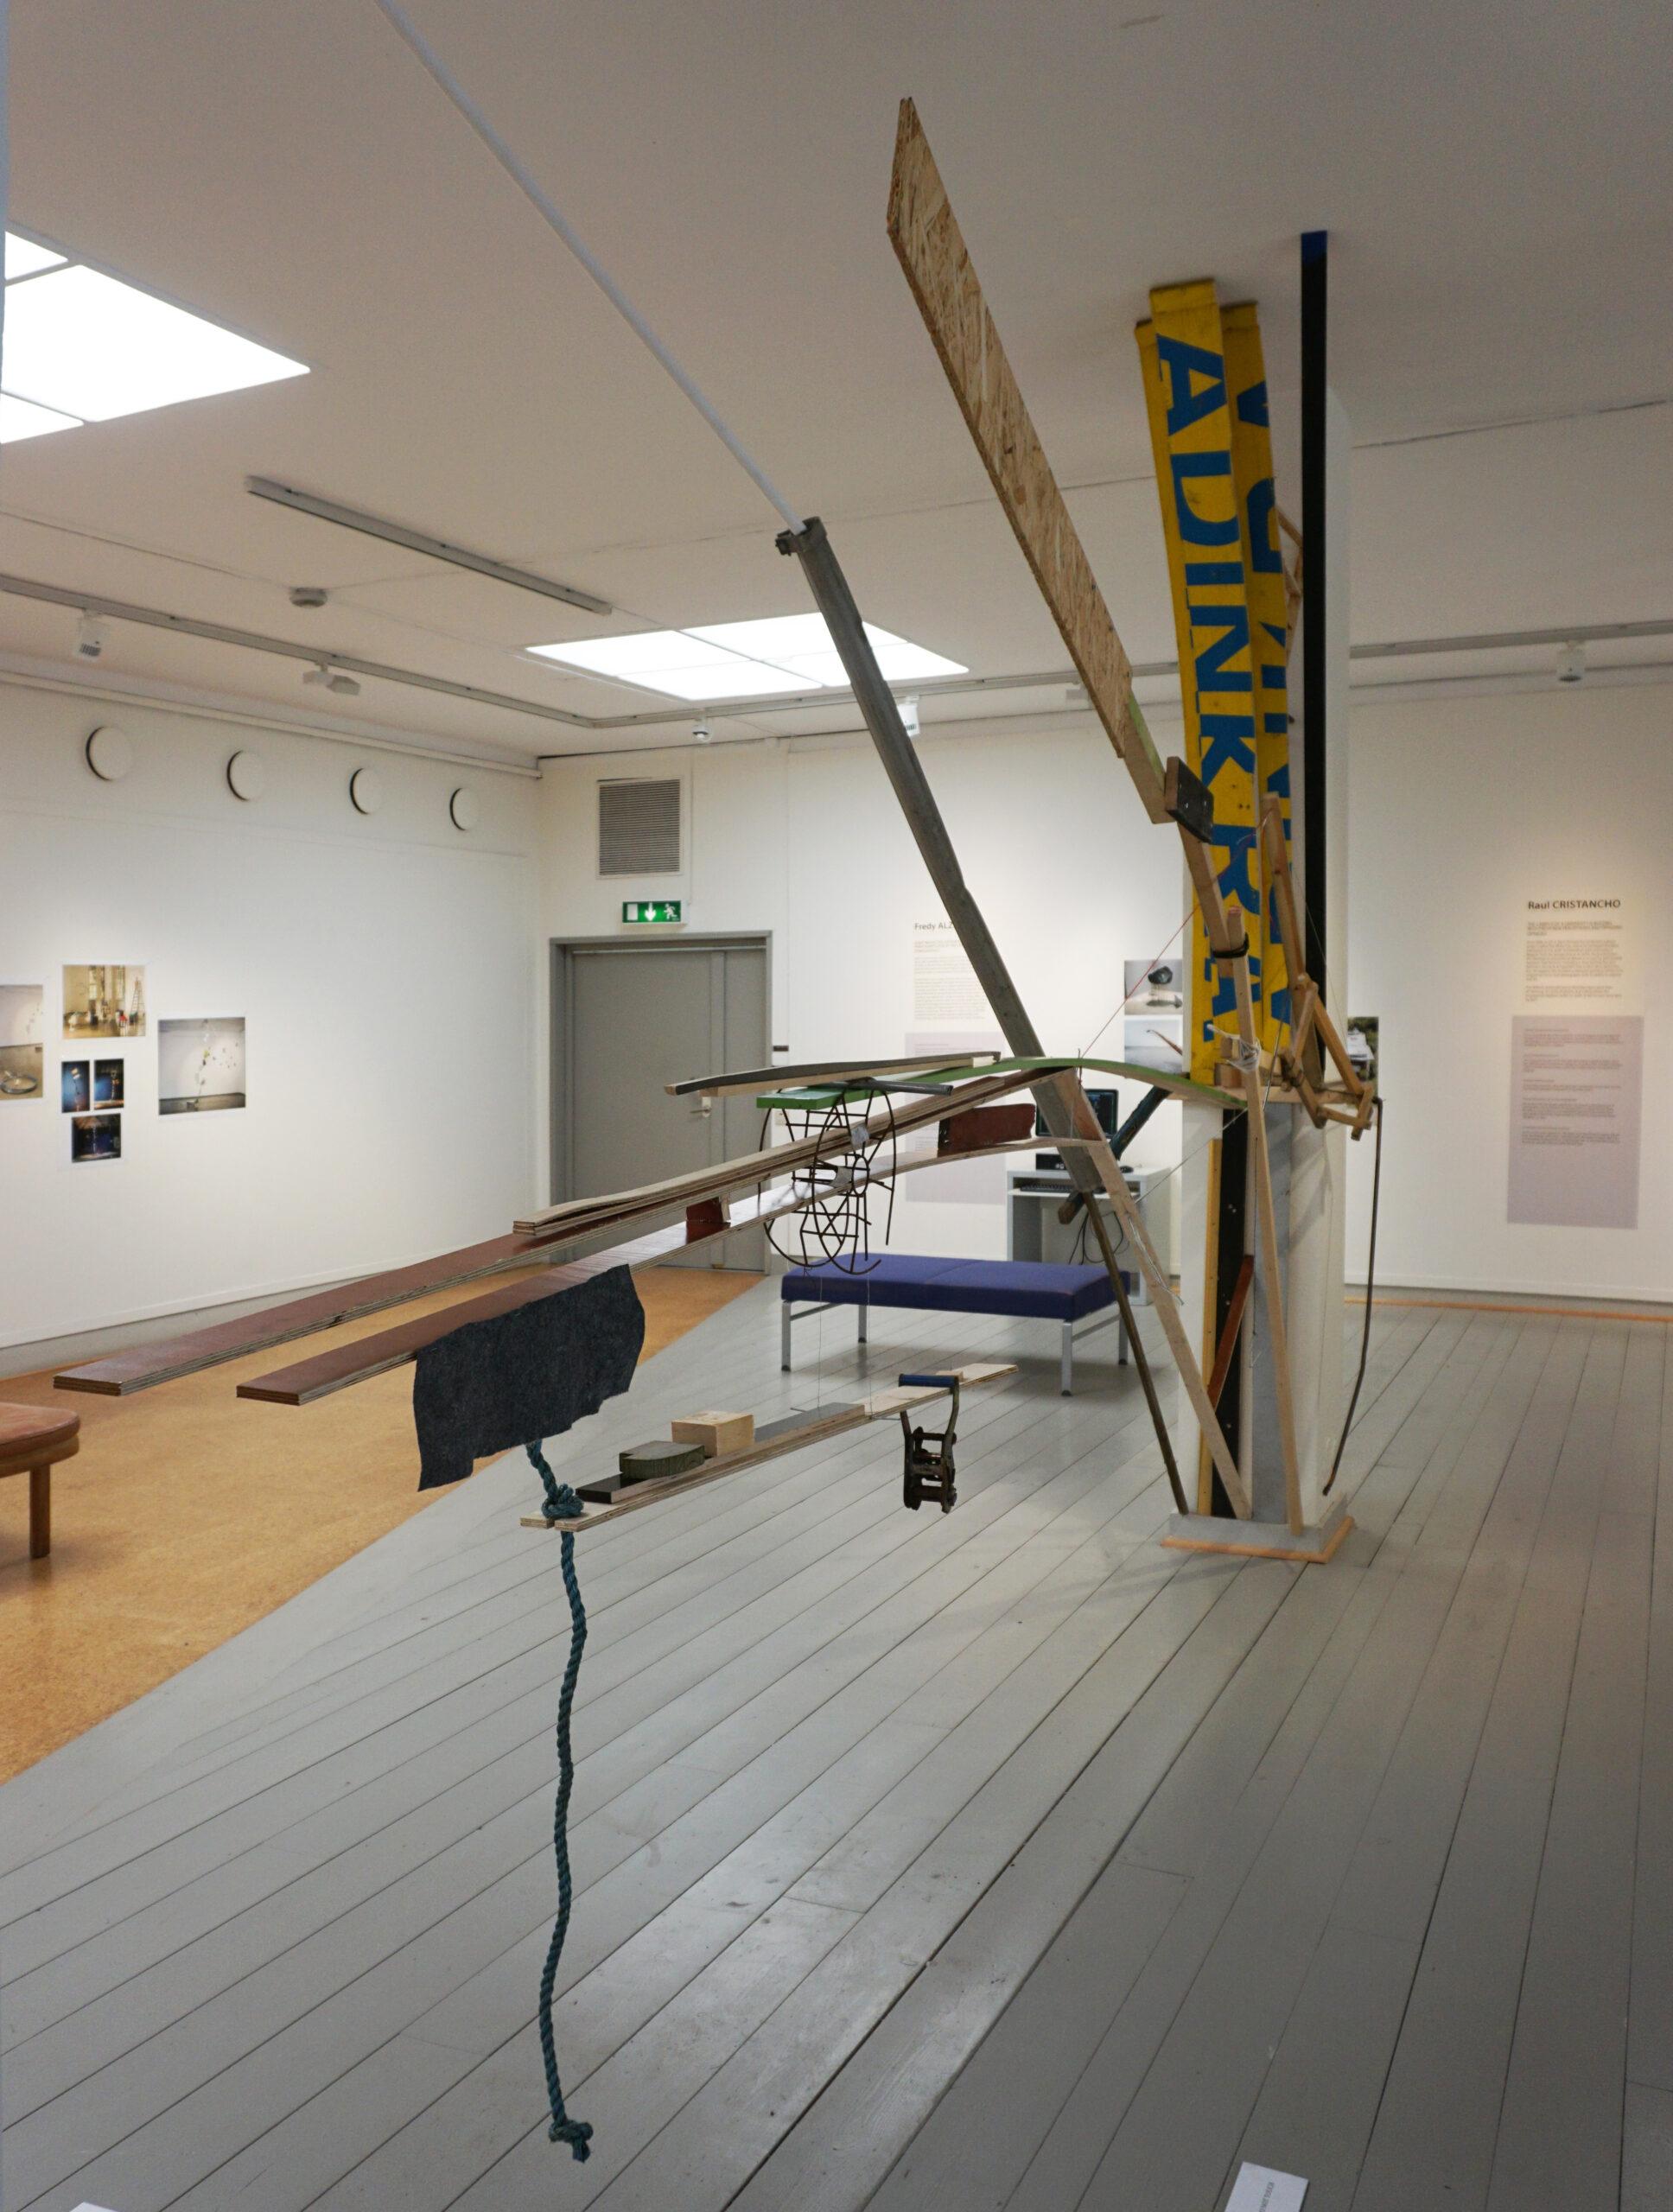 Estructuras parásitas, 2017.  Materiales encontrados en la bodega del Museo Läns, Örebro, SU